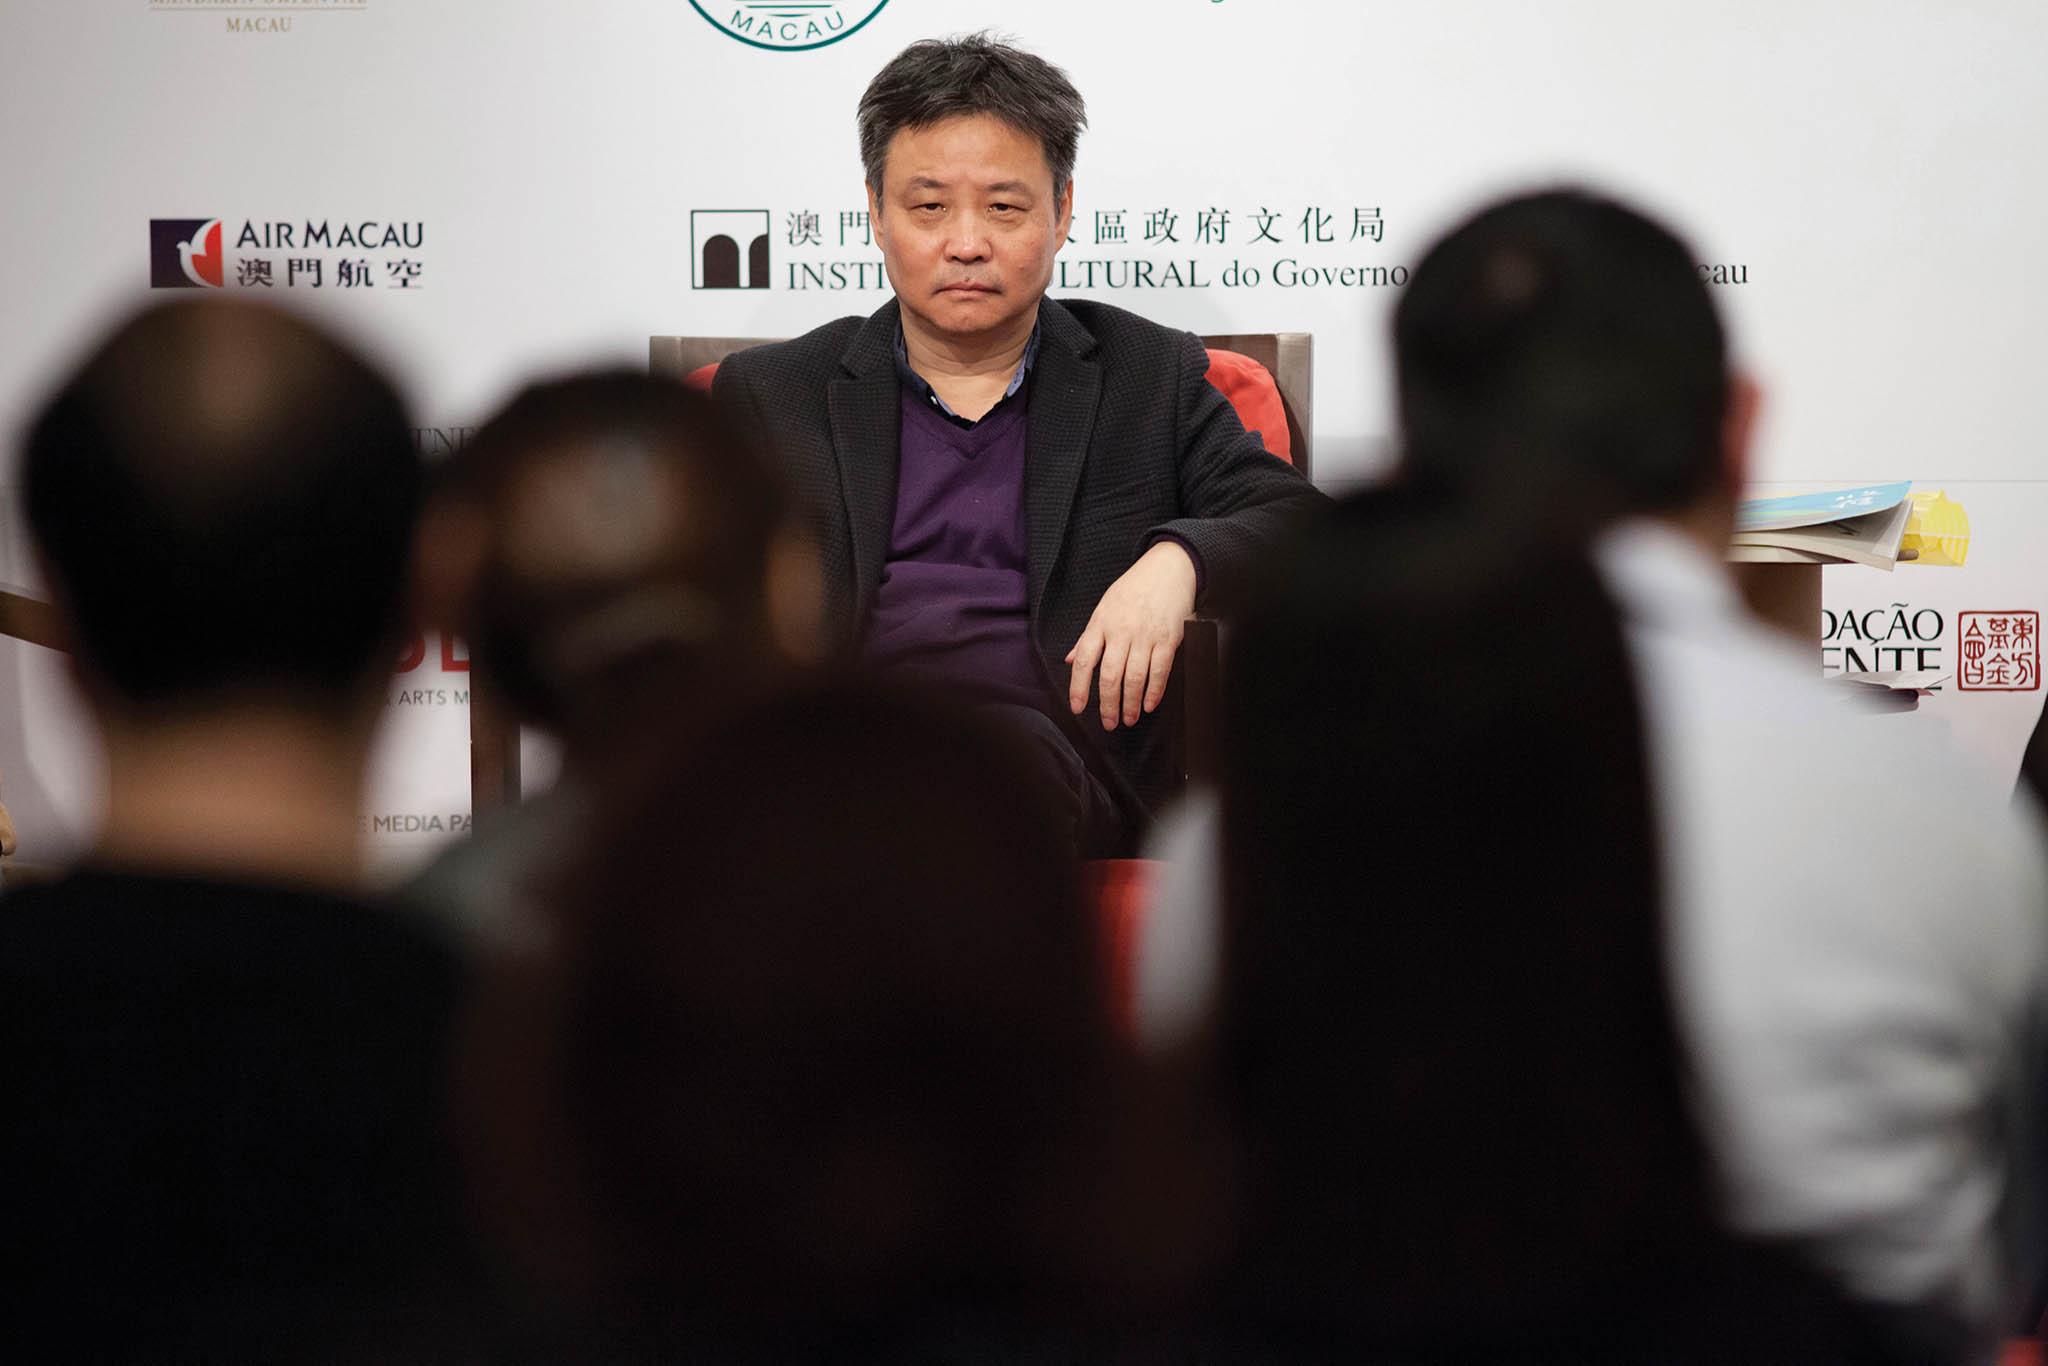 Literatura | Yu Hua fala de livros, censura e influências